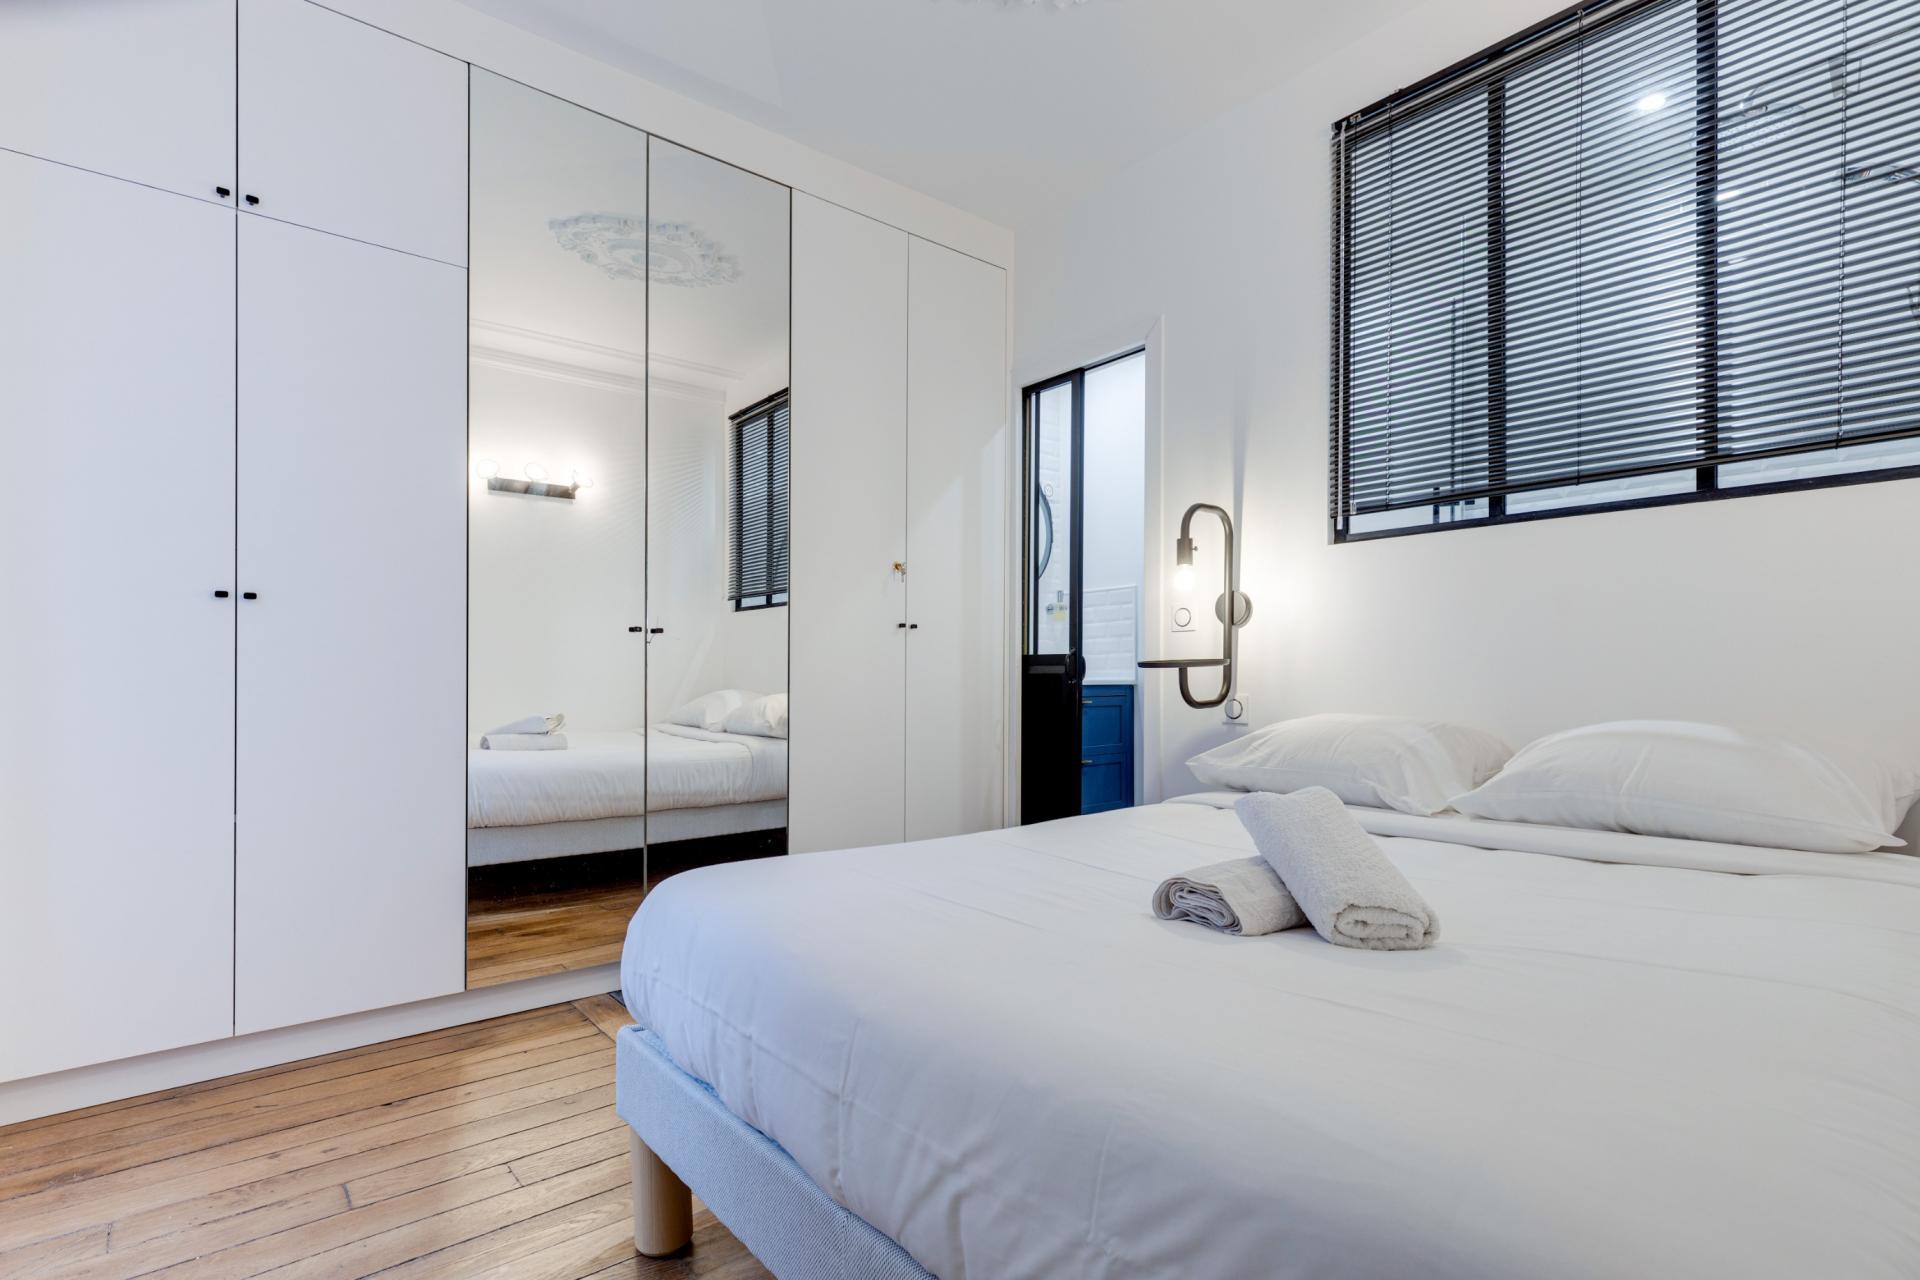 Tardieu - Precioso apartamento amueblado en París